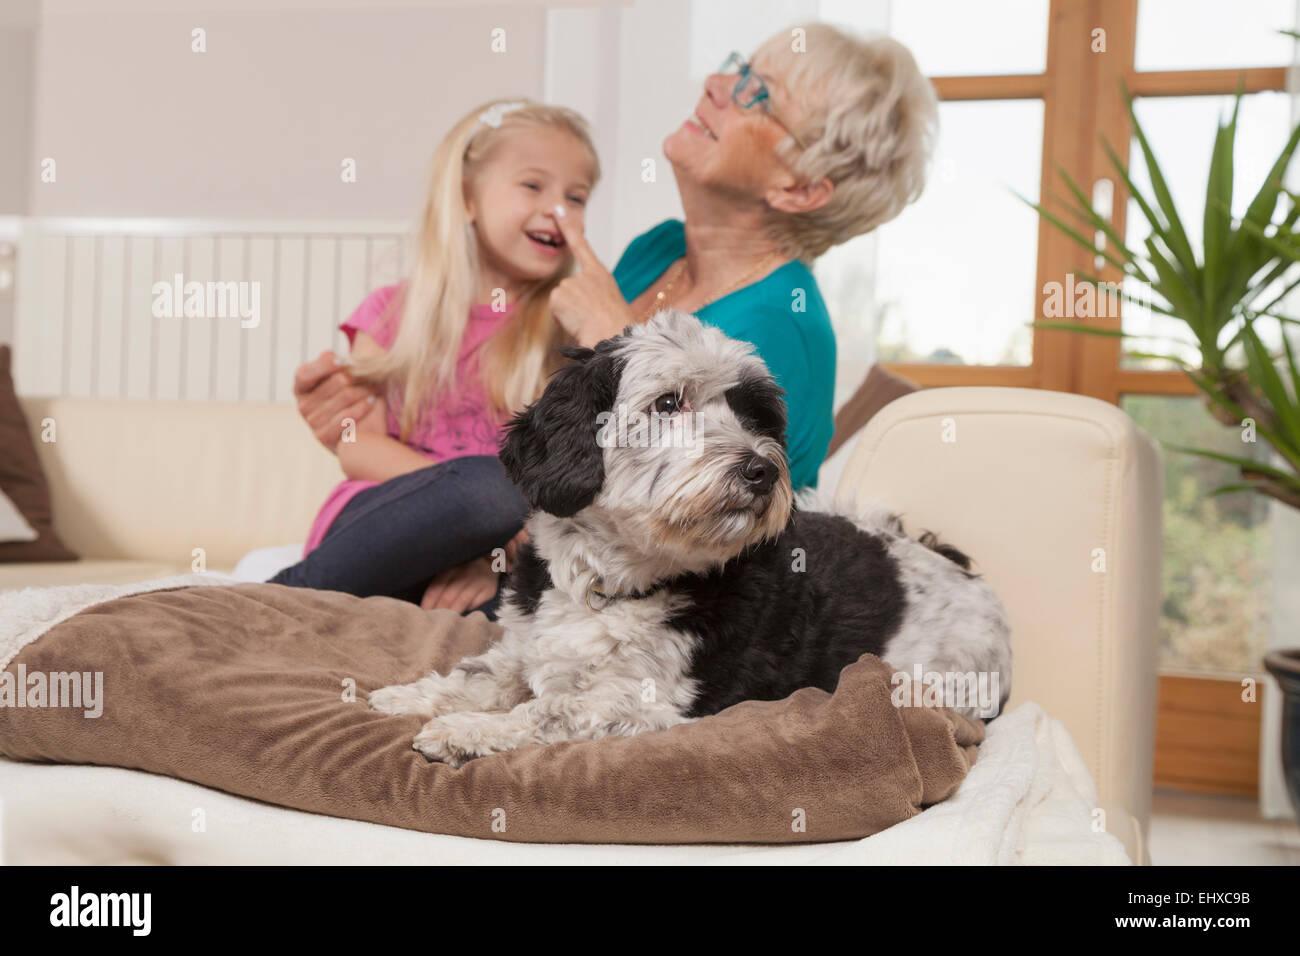 Mujer con perro senior y nieta riendo en un salón, Baviera, Alemania Imagen De Stock